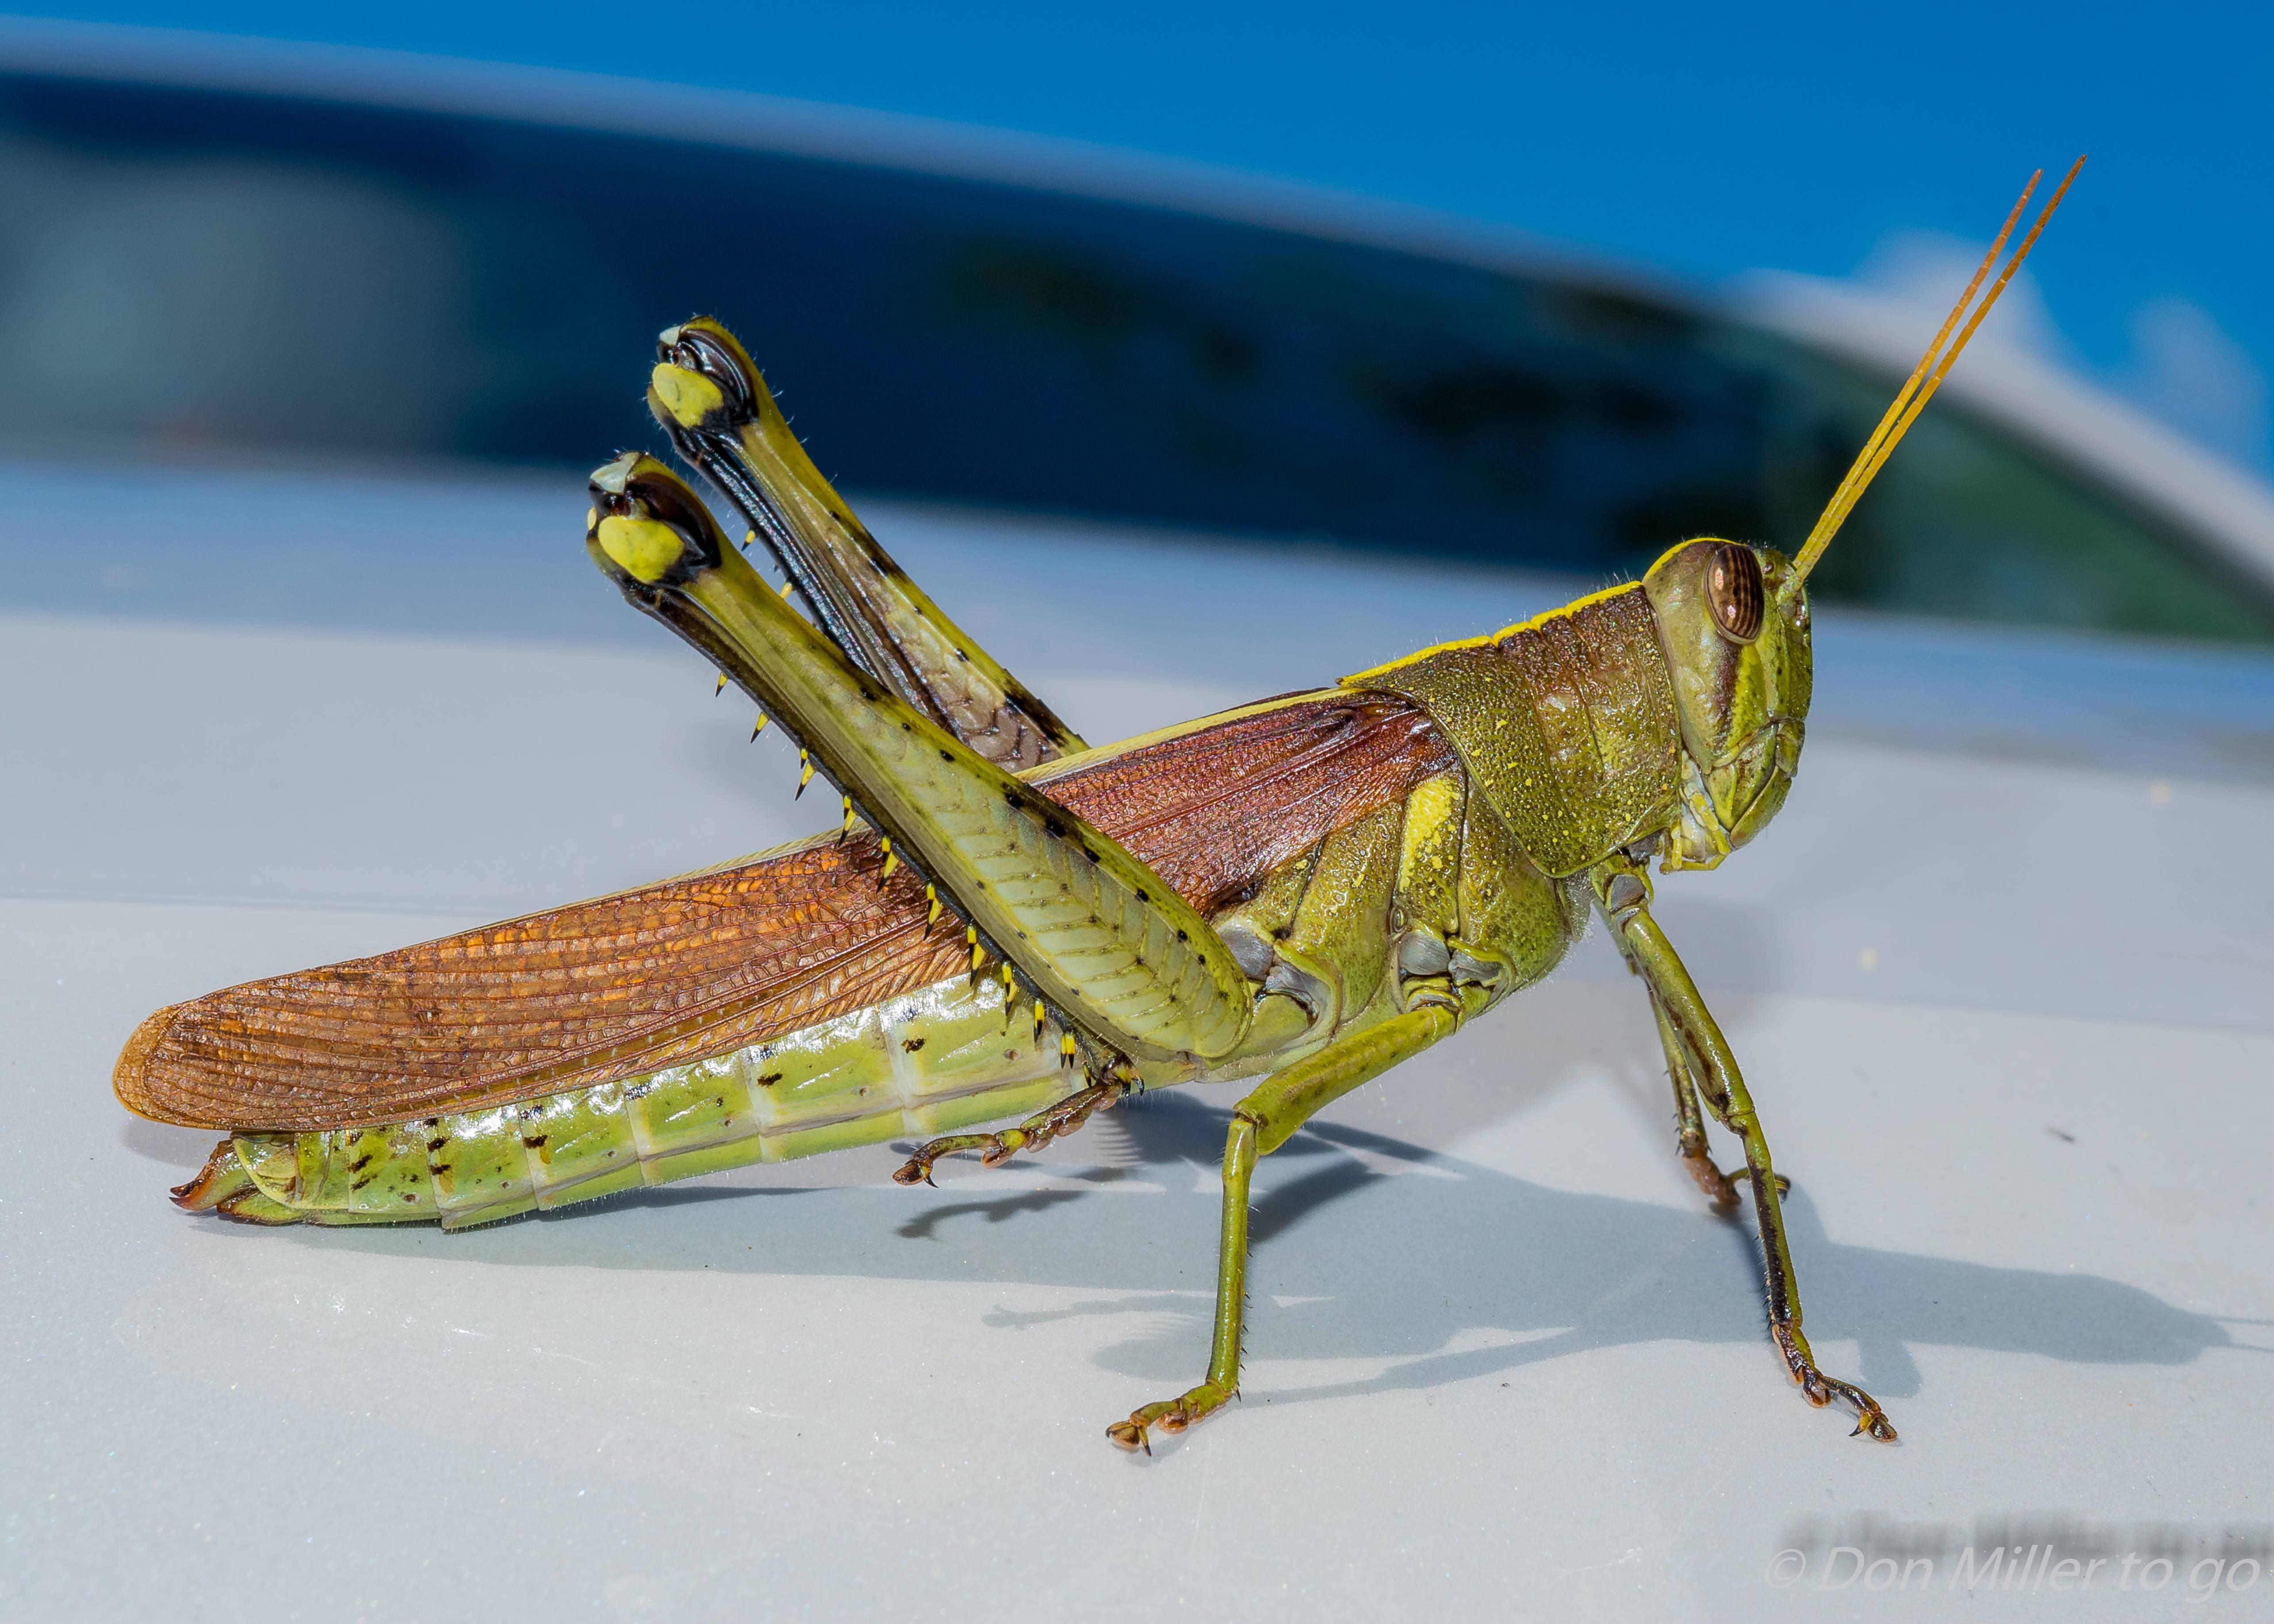 Как стрекочет сверчок. мелодичный звук сверчка, или музыкальные способности насекомого как происходит стрекотание